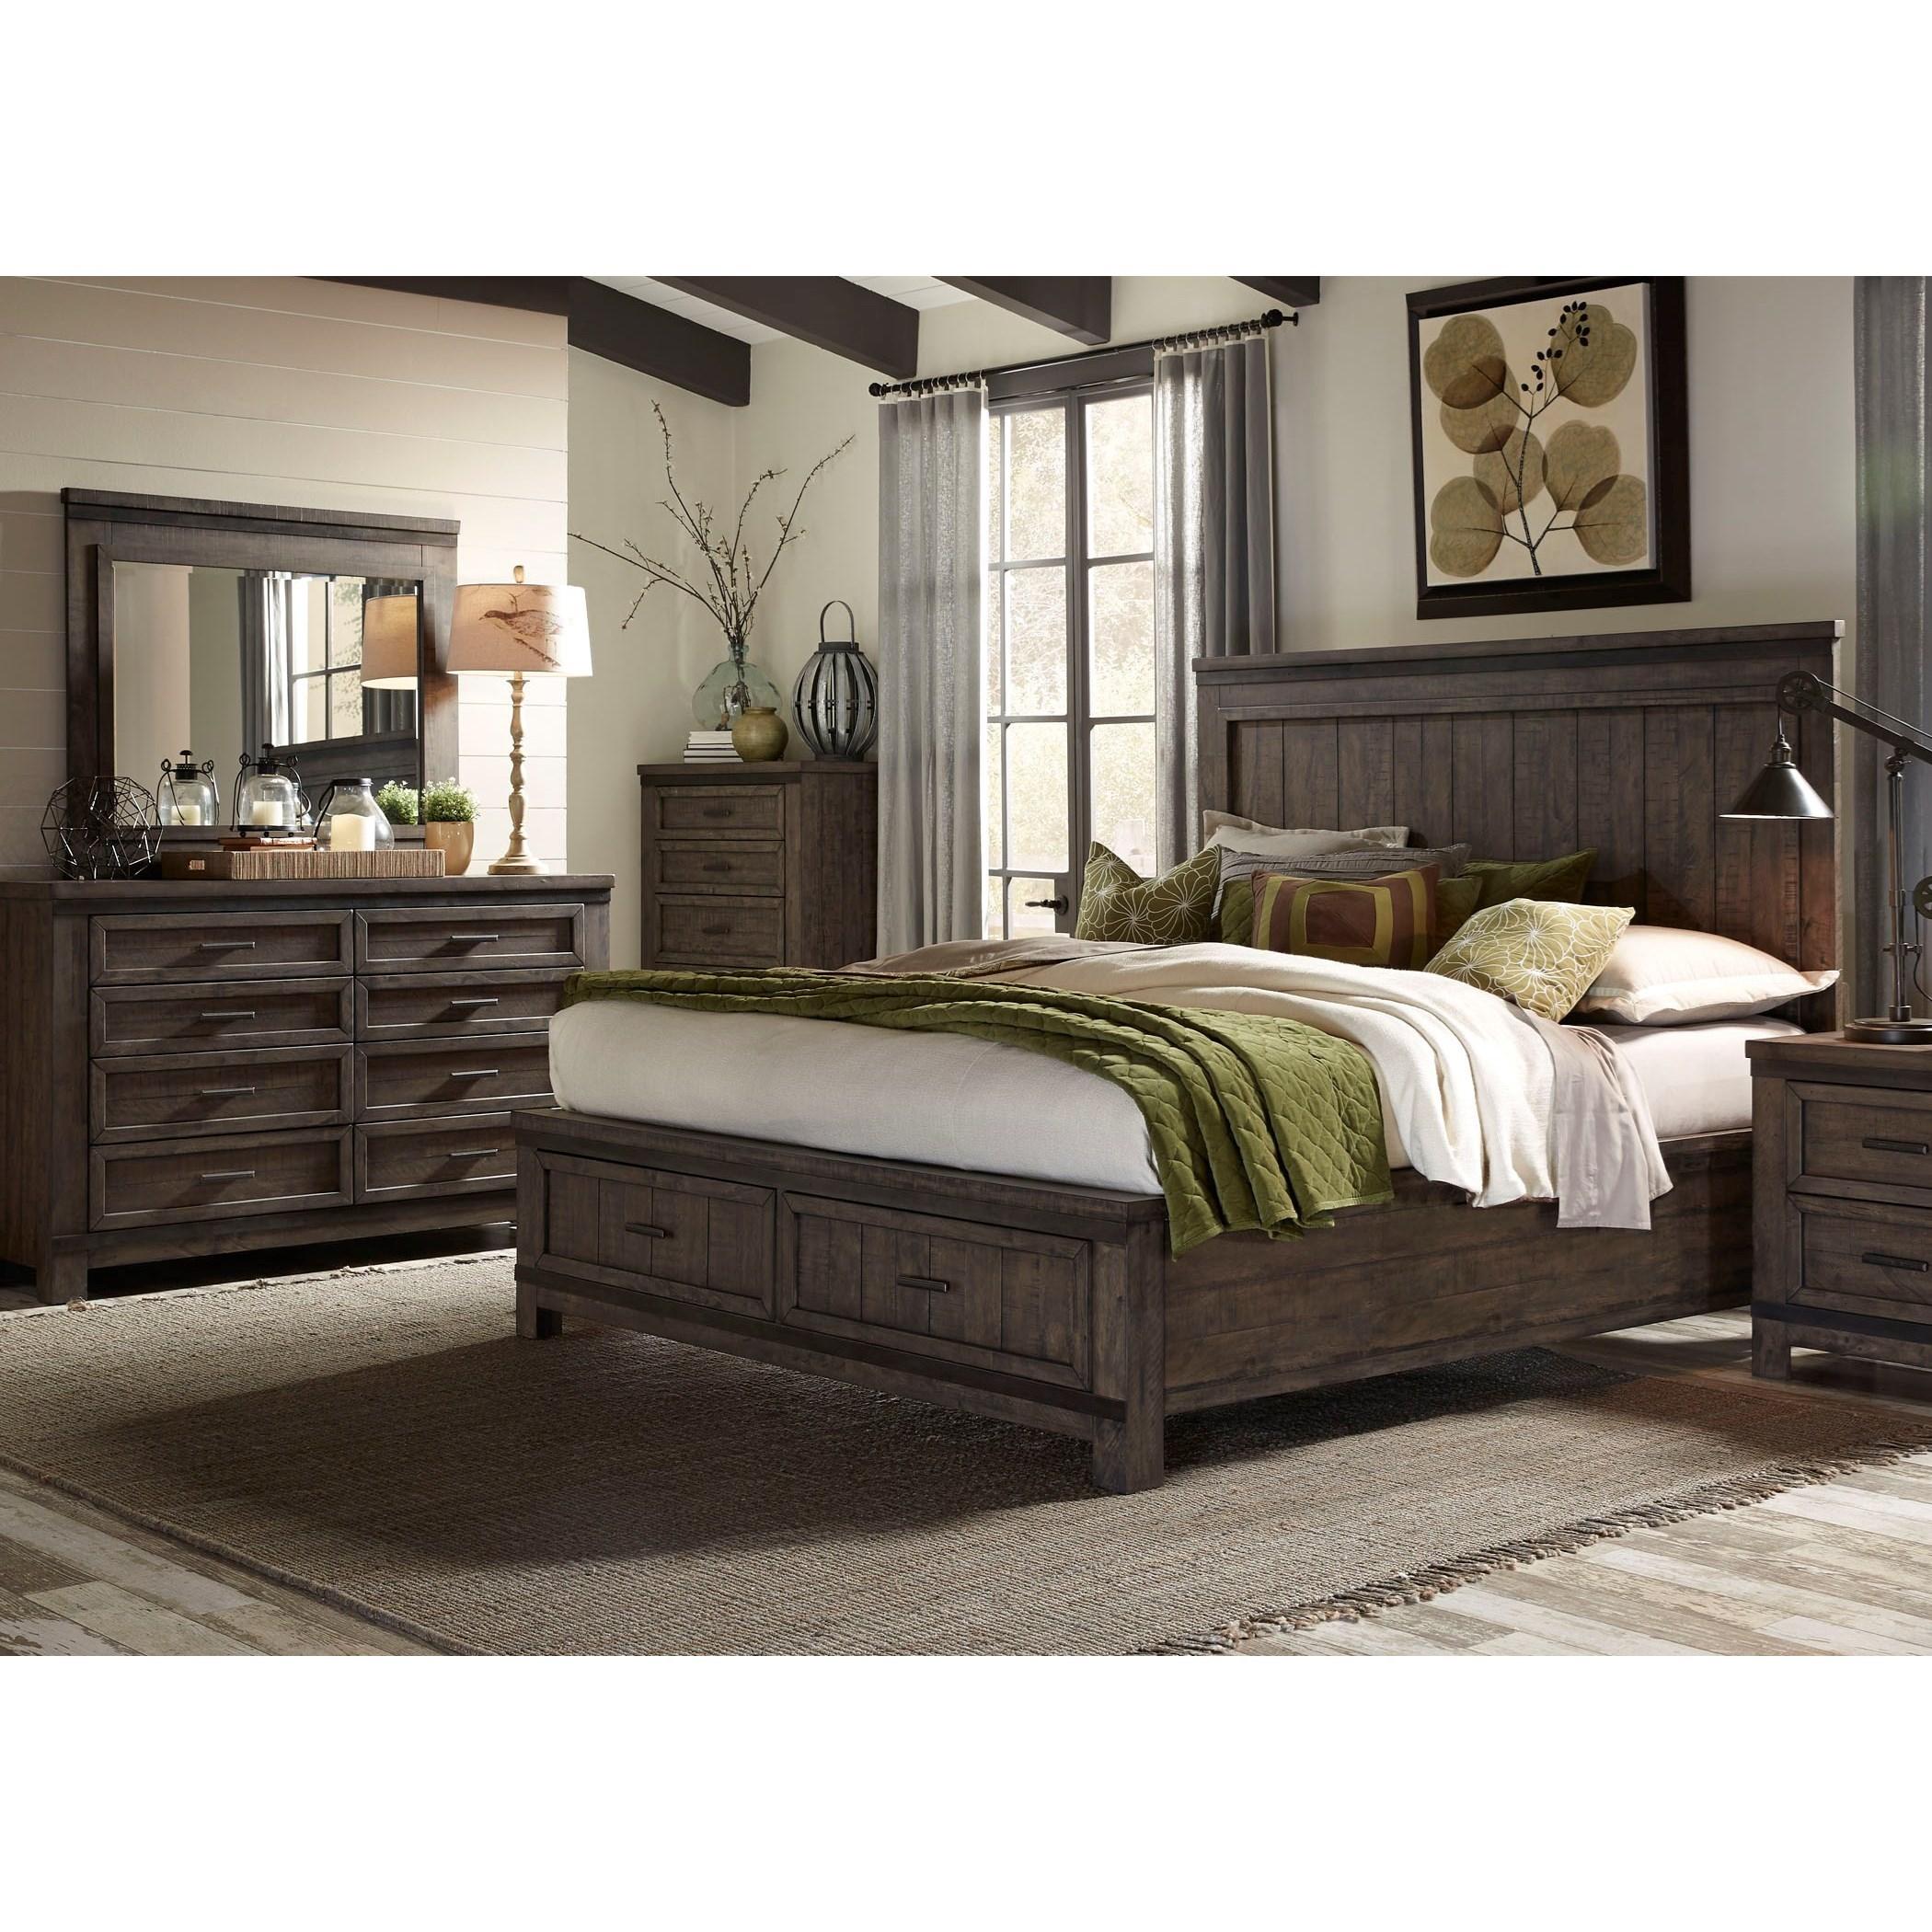 Bedroom Groups: Vendor 5349 Thornwood Hills 759-BR-QSBDM Queen Bedroom